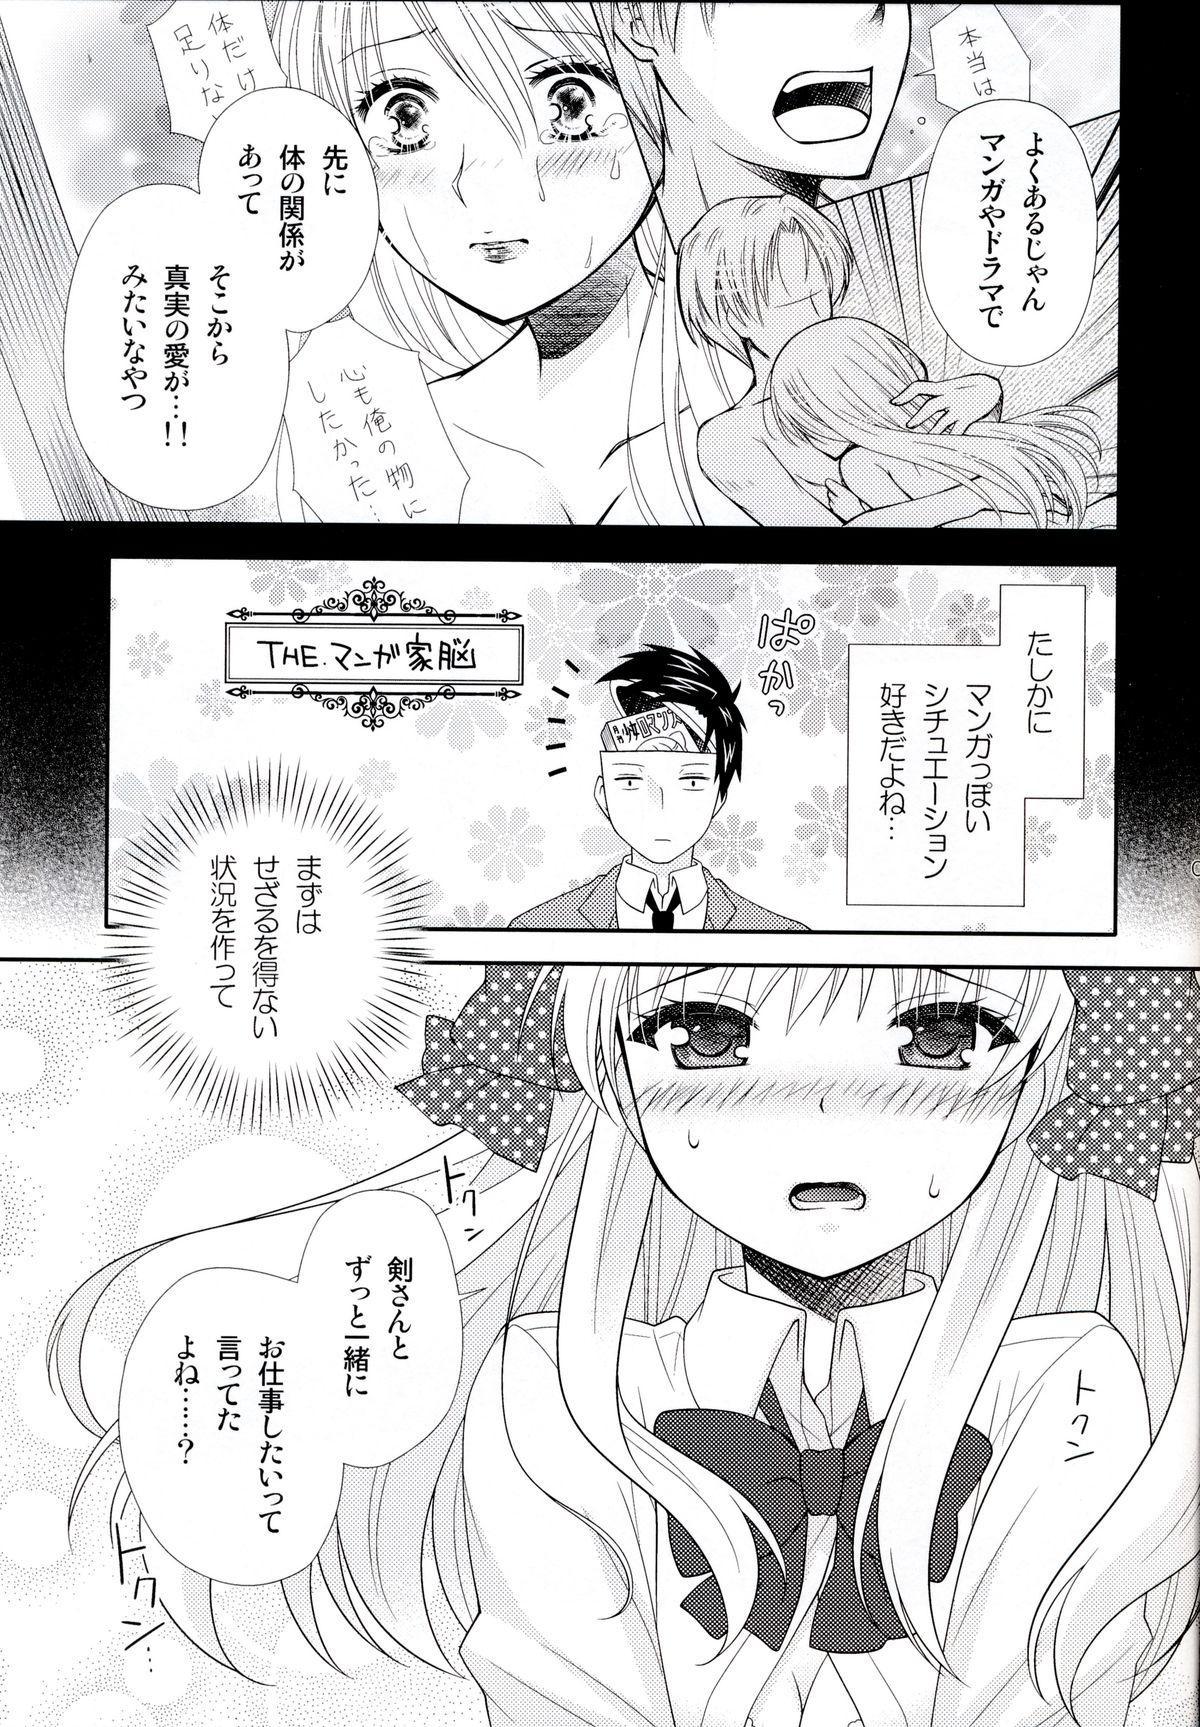 Nozaki-kun, Watashi ni Tetsudaeru koto, Aru? 8